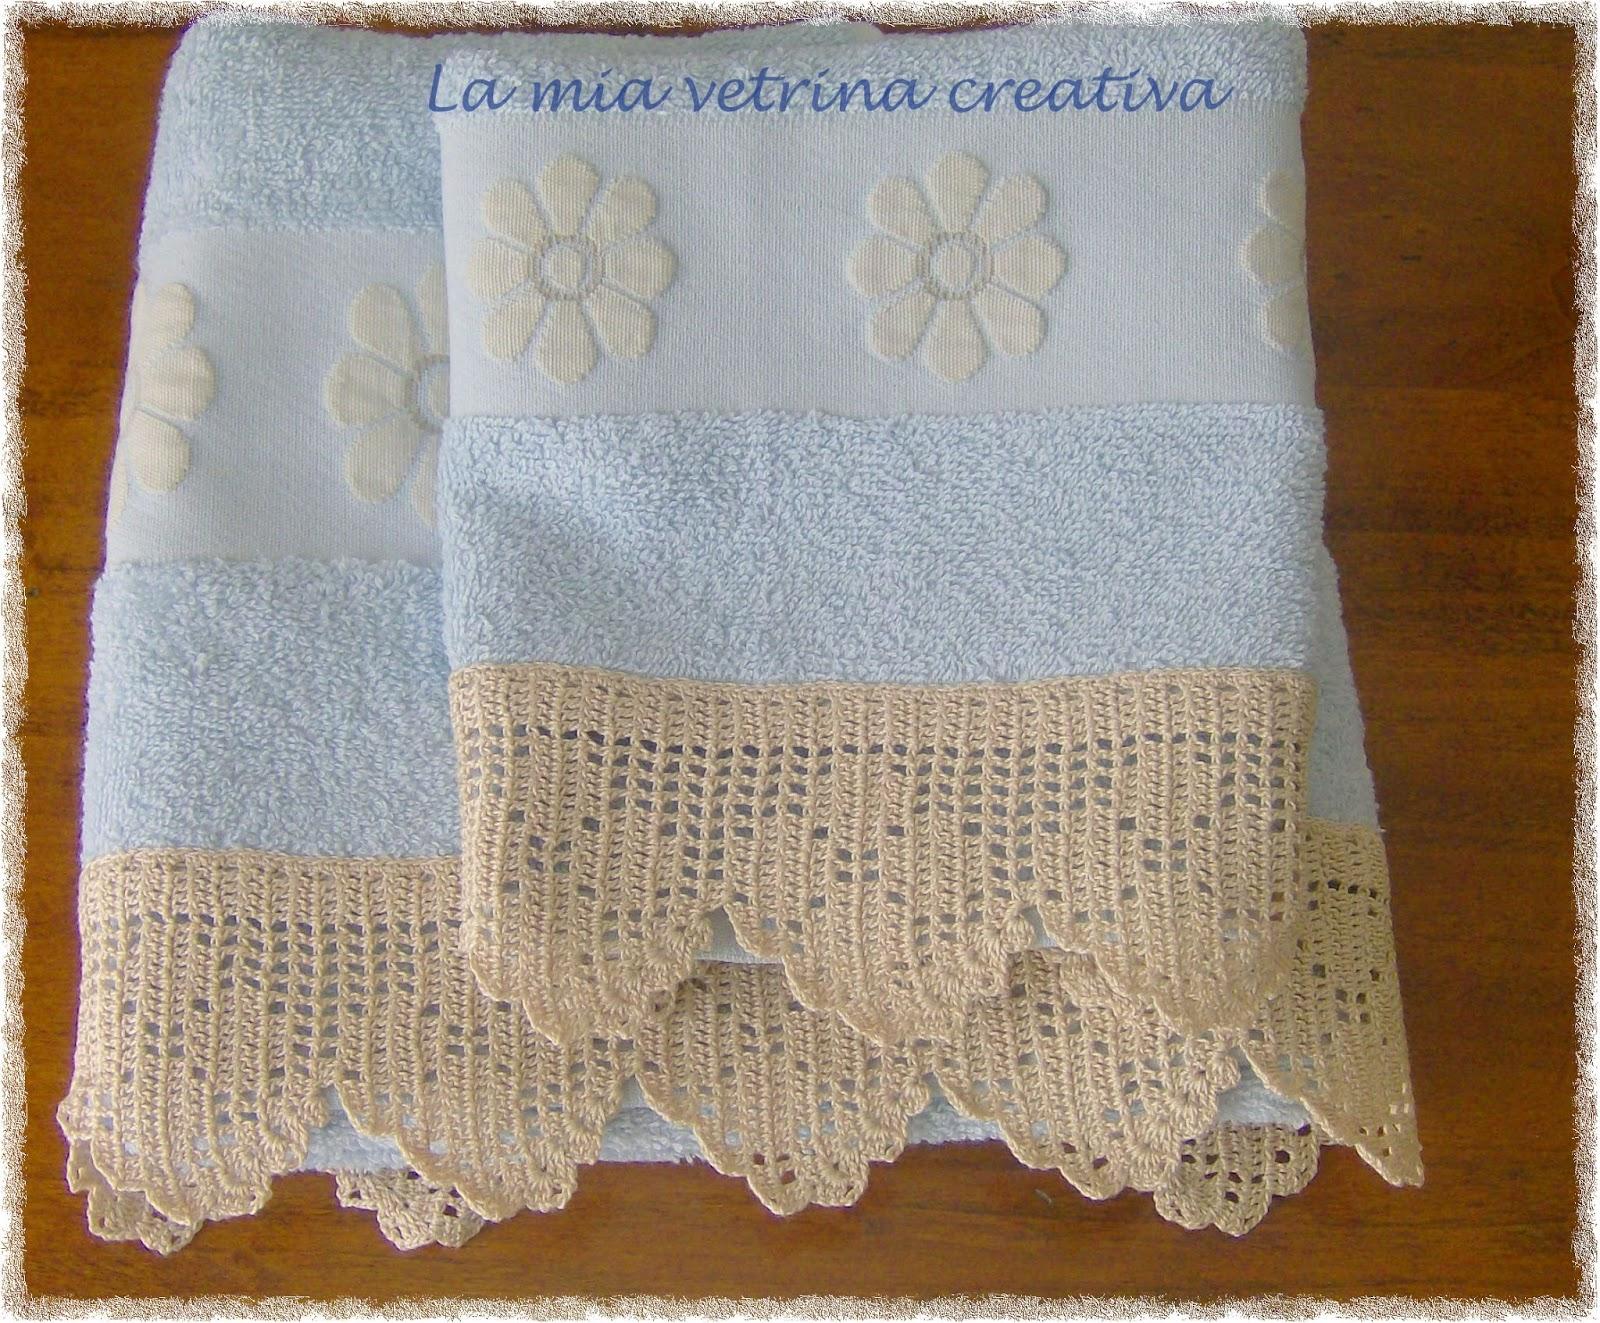 La mia vetrina creativa asciugamani con bordure a filet for Schemi bordure uncinetto filet